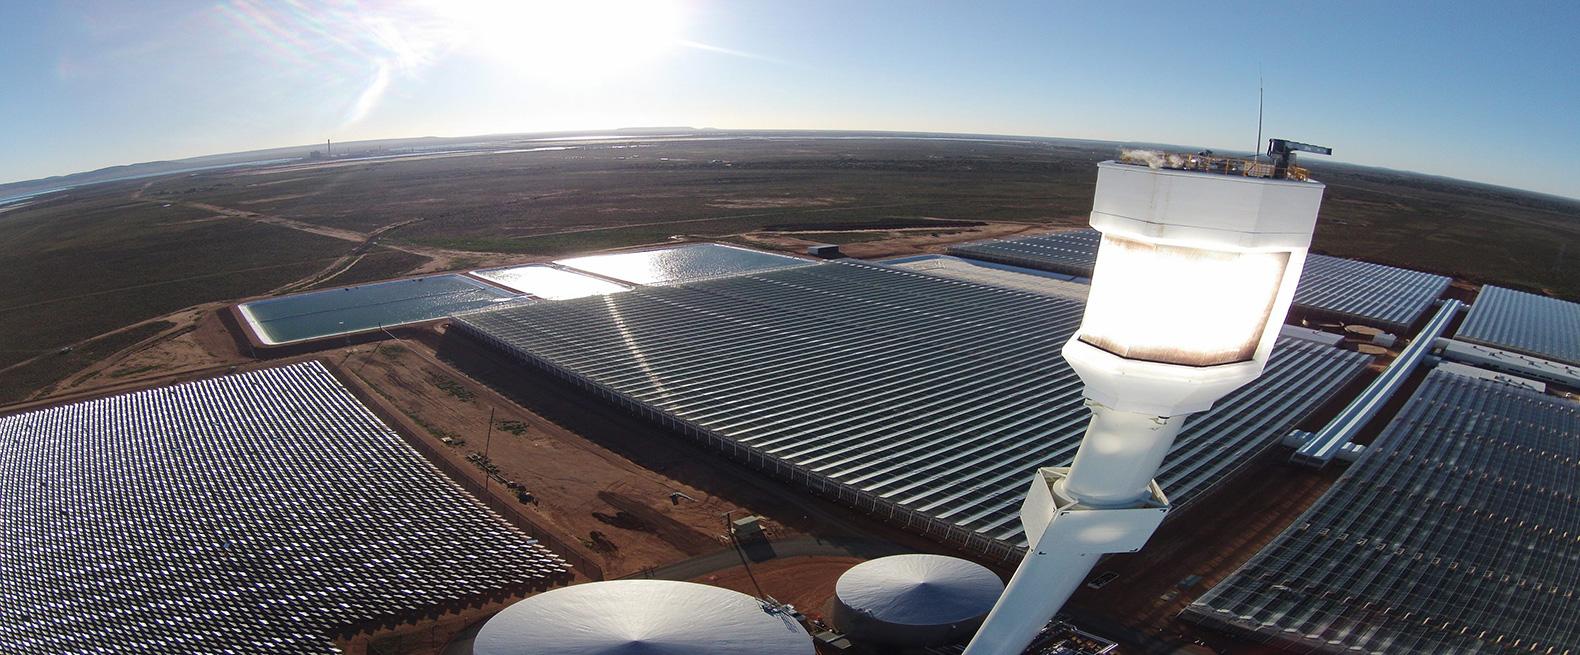 Các tấm gương phản chiếu ánh sáng đến một tháp tiếp nhận để tạo ra điện (ảnh: Sundrop Farms Facebook)